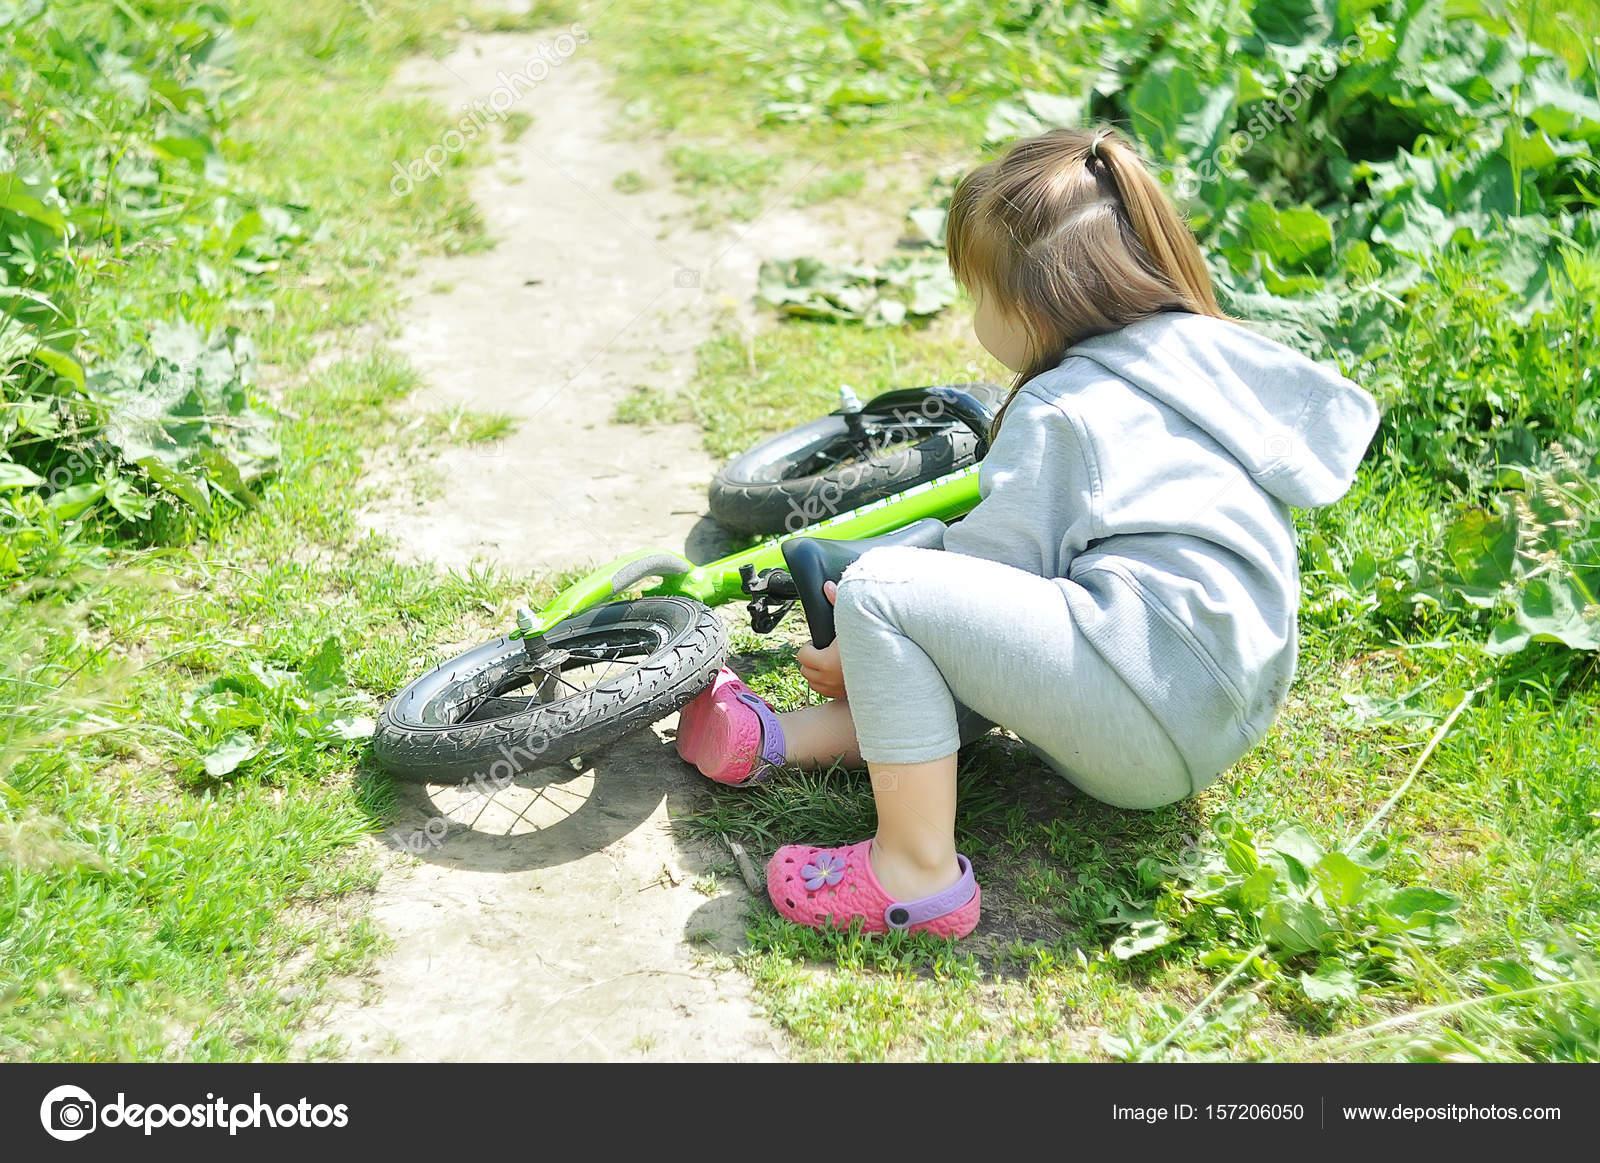 Niña Montando Su Bicicleta En Un Parque: Niño Niña Linda Se Cayó De Su Bicicleta En El Bosque